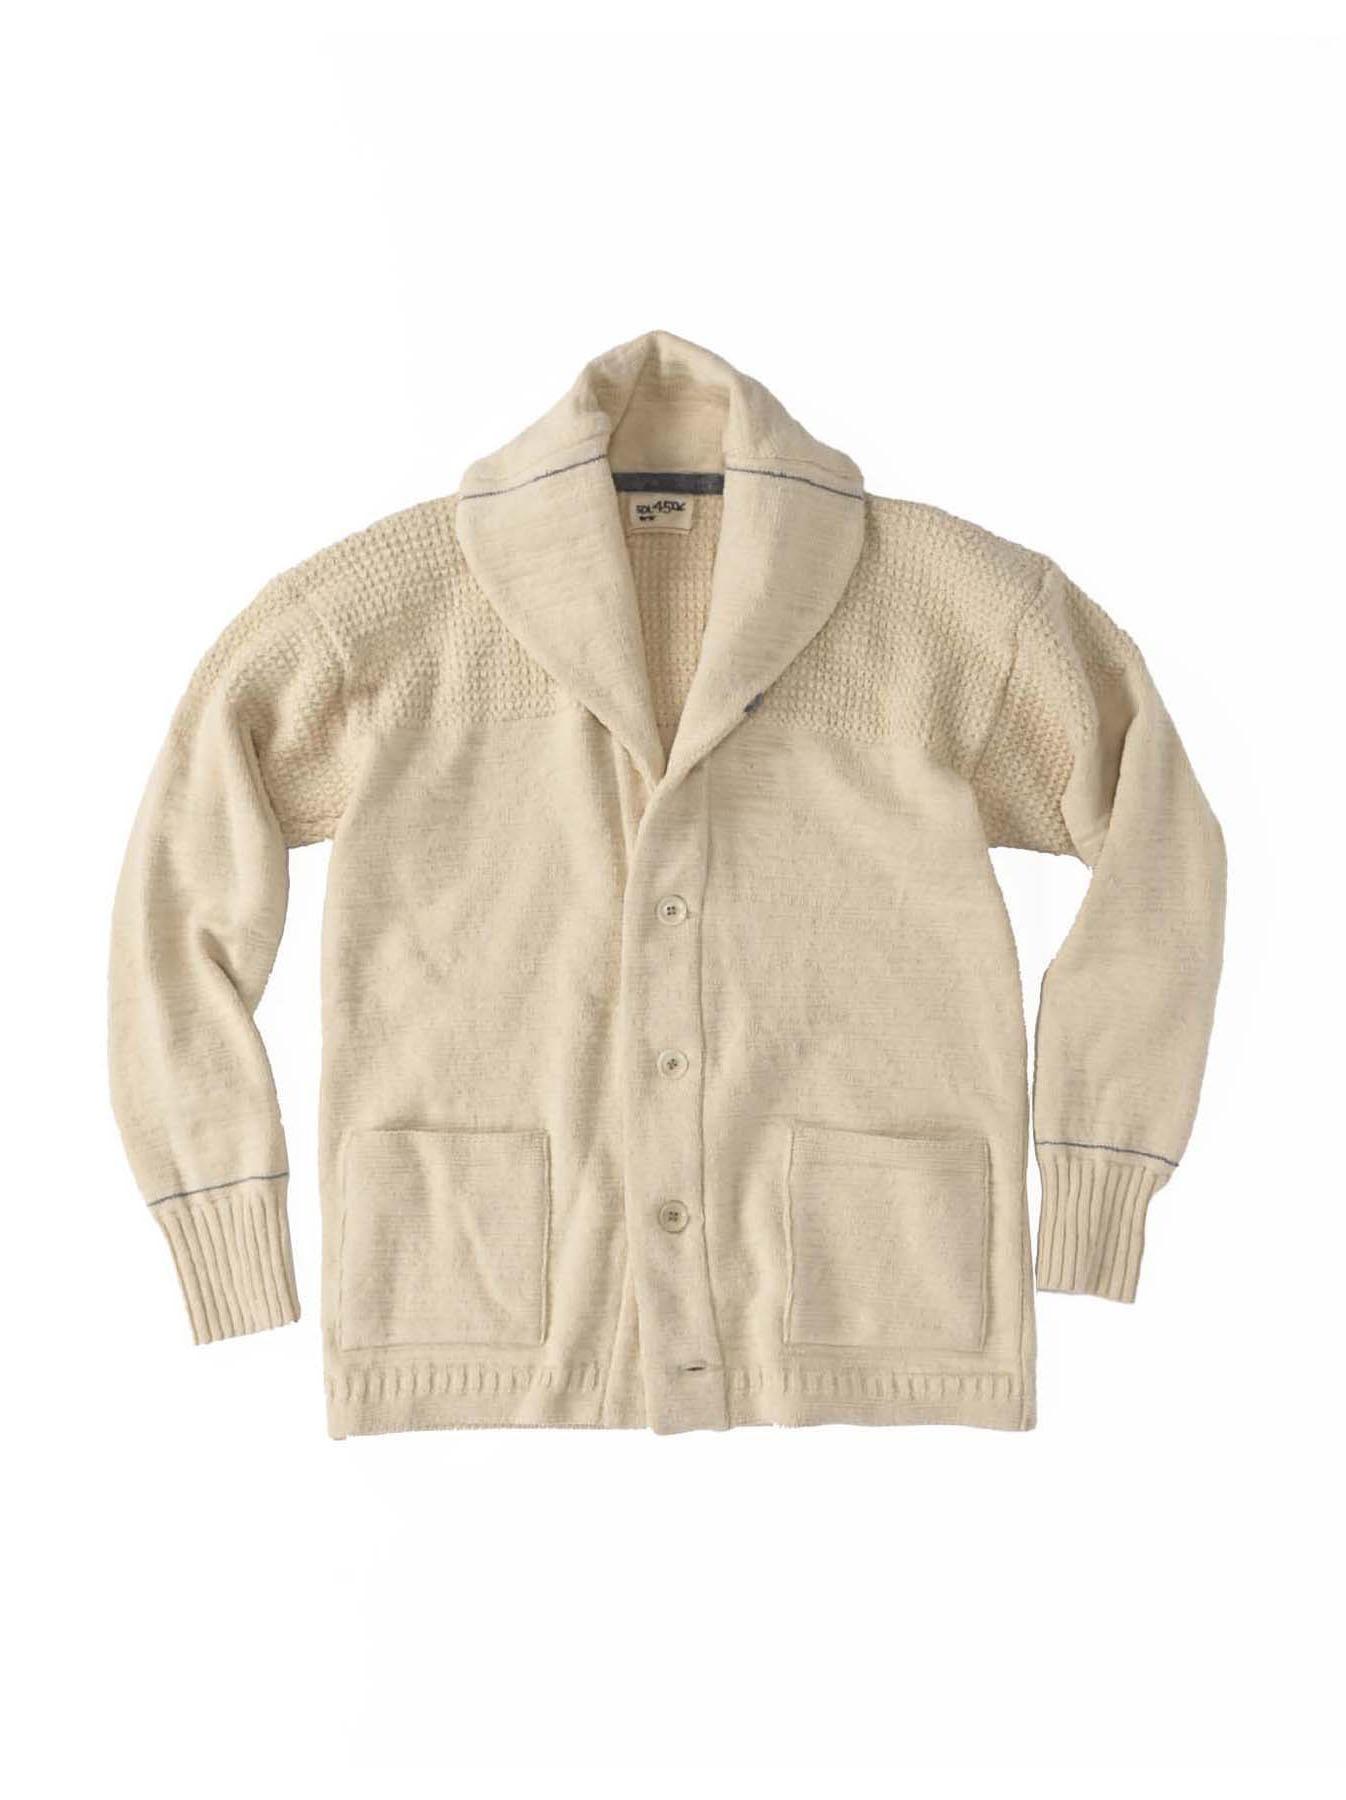 Stretch Knit Shawl Collar 908 Blouson-1